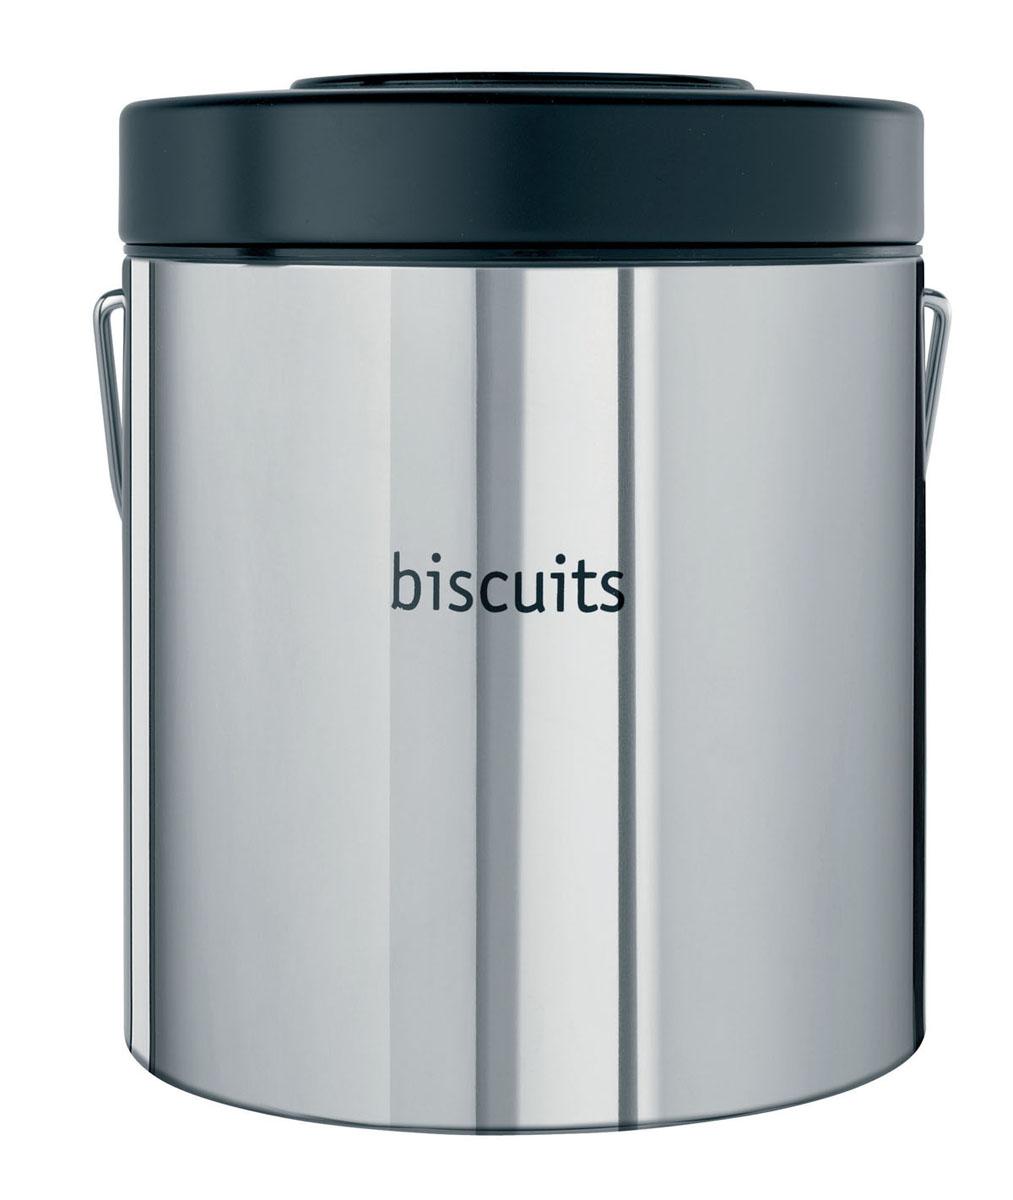 Контейнер для продуктов Brabantia. Печенье, 3,5 лVT-1520(SR)Контейнер для продуктов Brabantia изготовлен из антикоррозийной стали с зеркальной полировкой. Внешняя стенка контейнера оформлена надписью Biscuits (Печенье). Внутренняя поверхность контейнера и крышка выполнены из пластика. На крышке расположена влаговпитывающая капсула с фиксатором даты, который всегда напомнит, когда в последний раз сушили капсулу в данном контейнере. Влаговпитывающую капсулу рекомендуется периодически сушить в нагретой духовке в течение короткого времени. Для удобной переноски у контейнера имеется прочная стальная ручка. Характеристики:Материал: сталь, пластик. Объем: 3,5 л. Диаметр по верхнему краю: 16 см. Высота стенки: 19 см.Гарантия производителя: 5 лет.